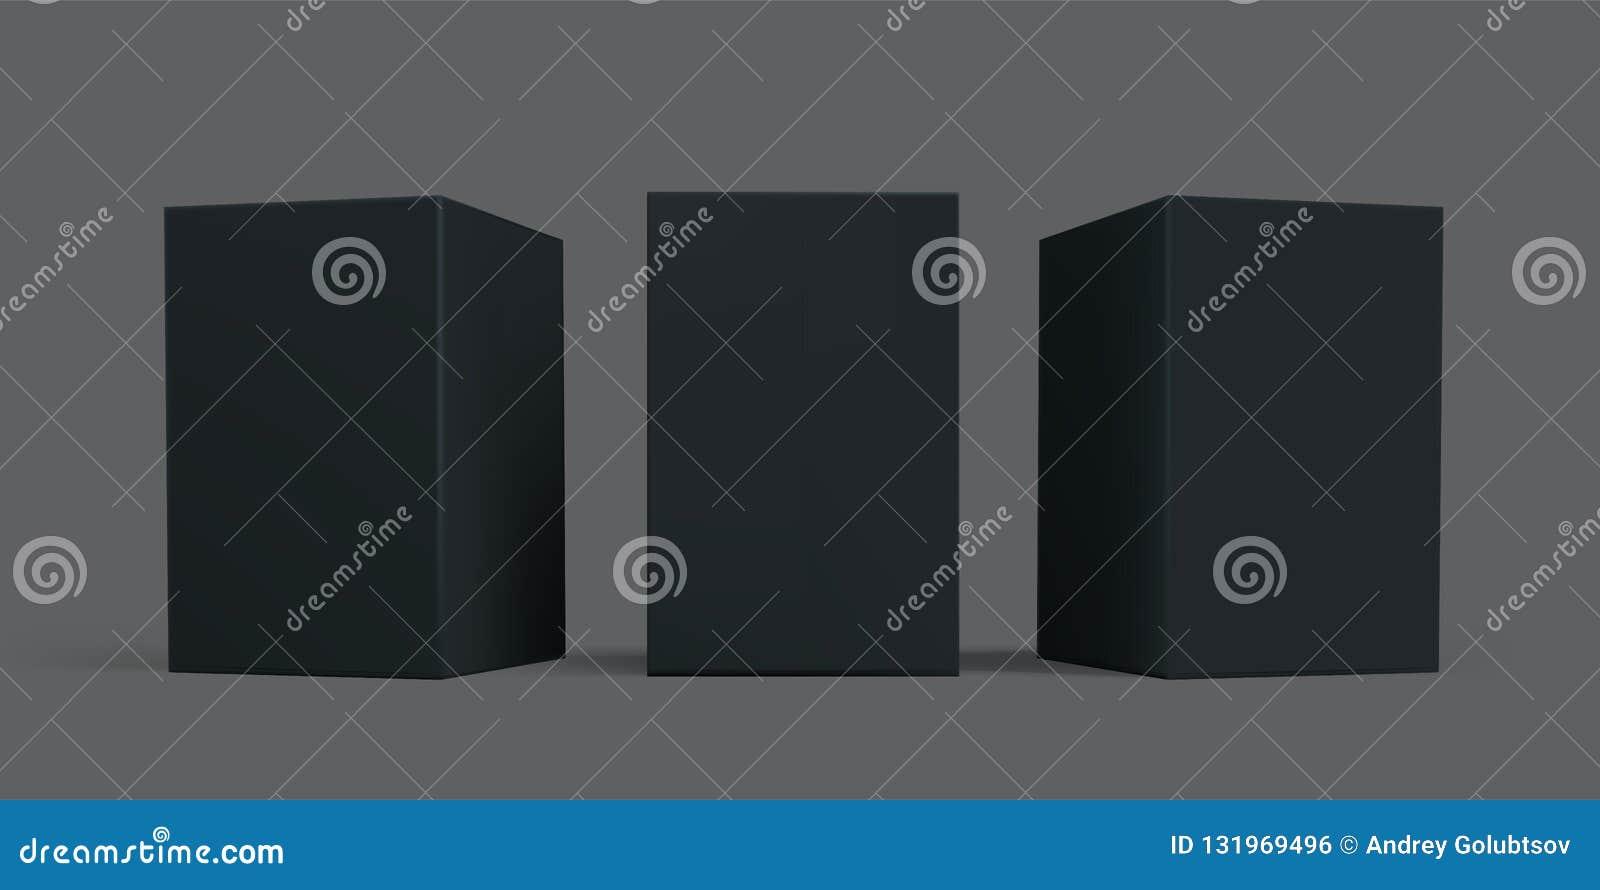 Modelo do pacote da caixa negra Caixas do pacote do cartão ou do papel da caixa do preto do vetor, moldes isolados dos modelos 3D